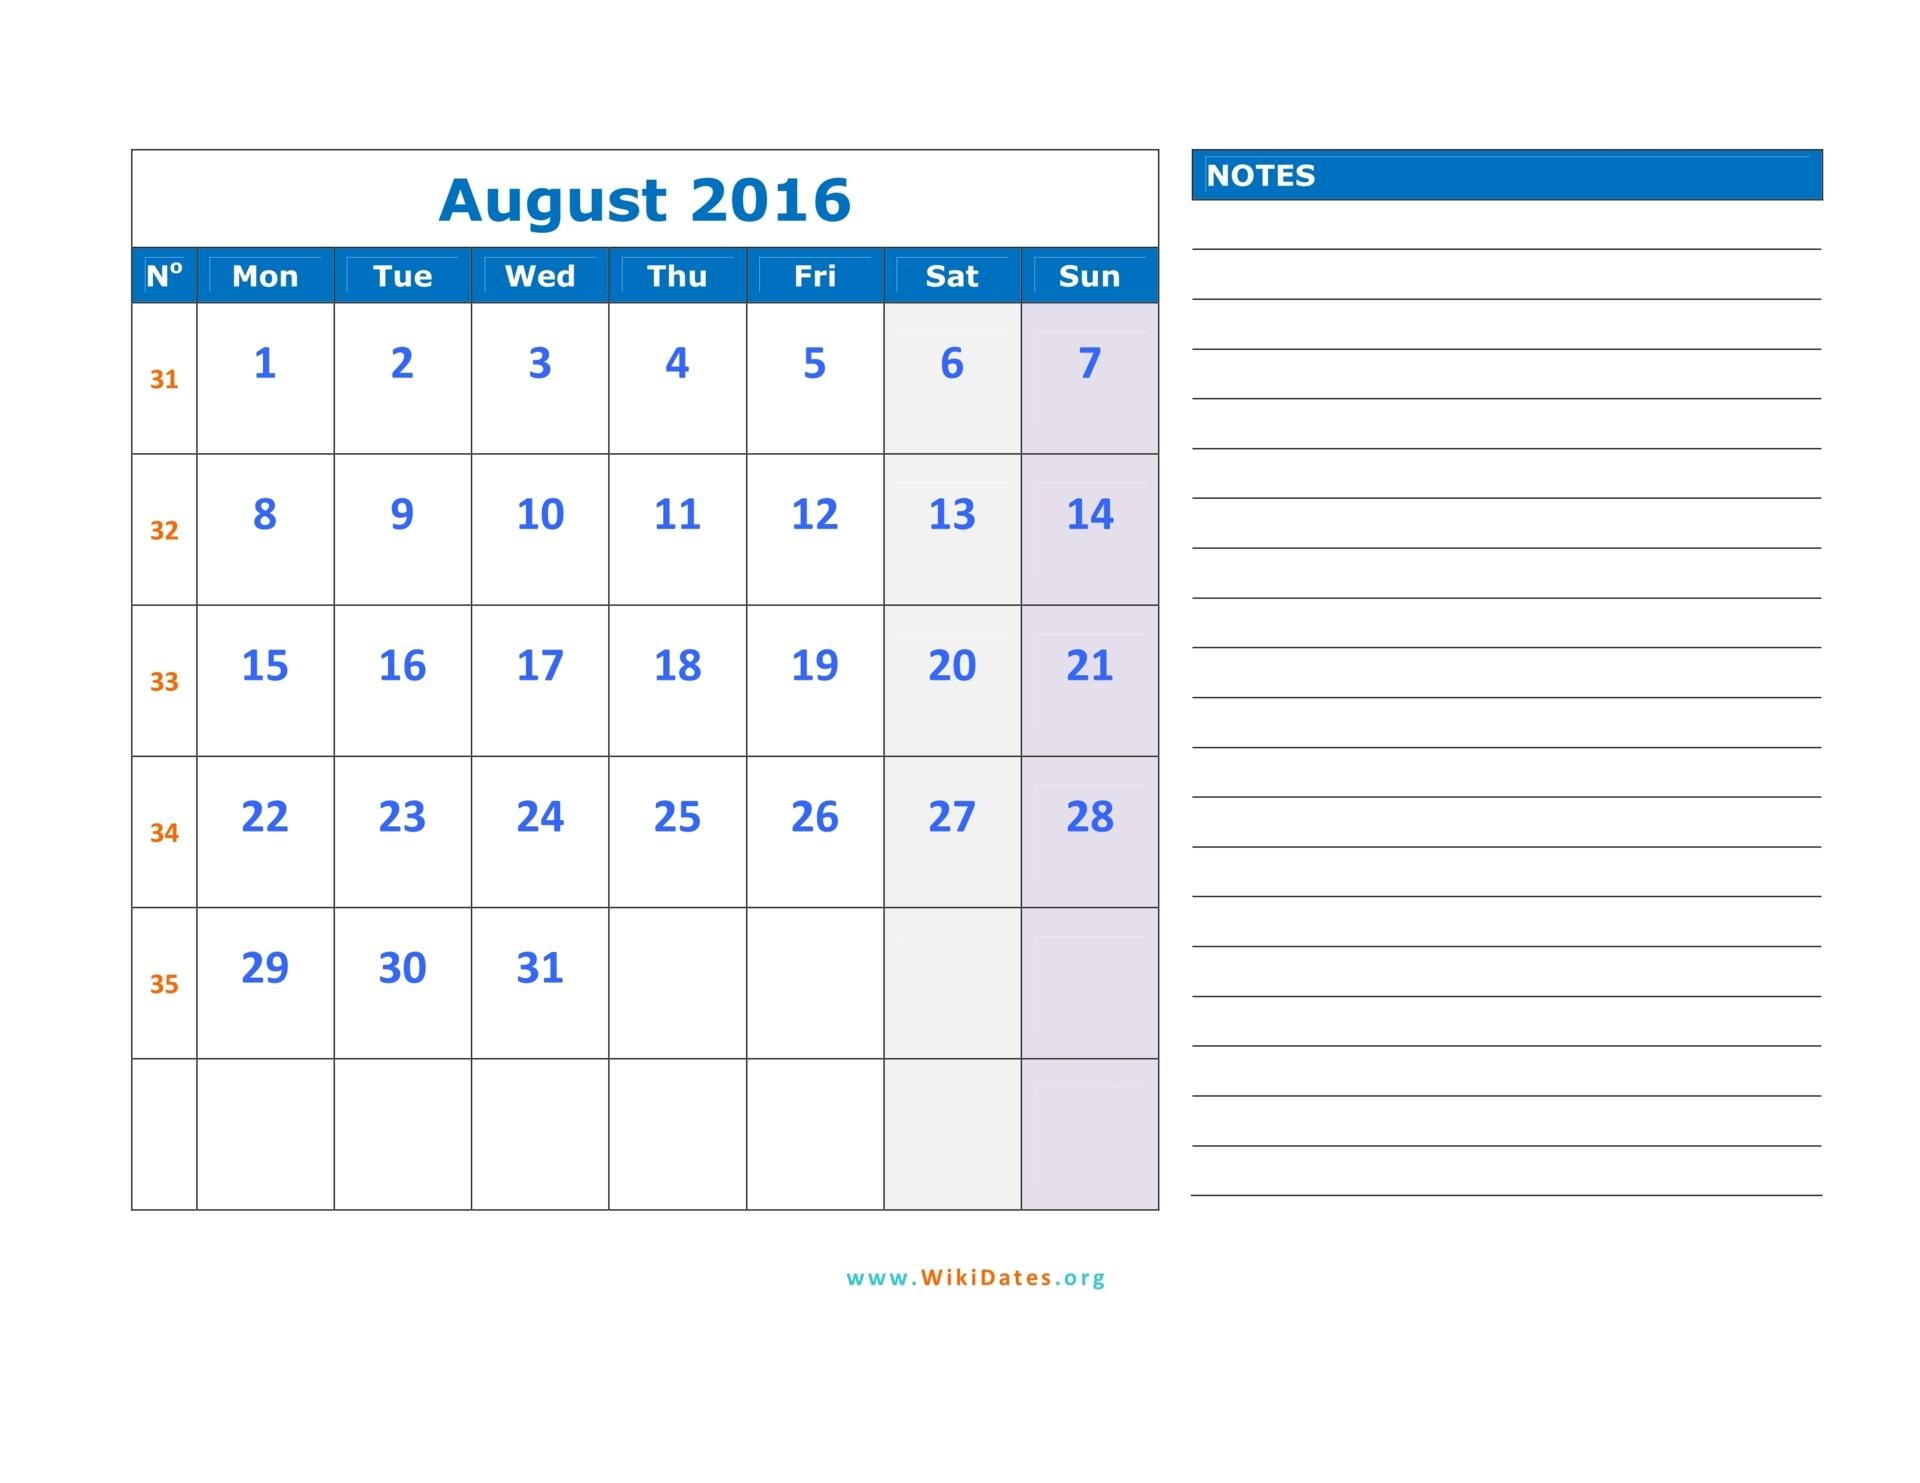 August 2016 Calendar | WikiDates.org